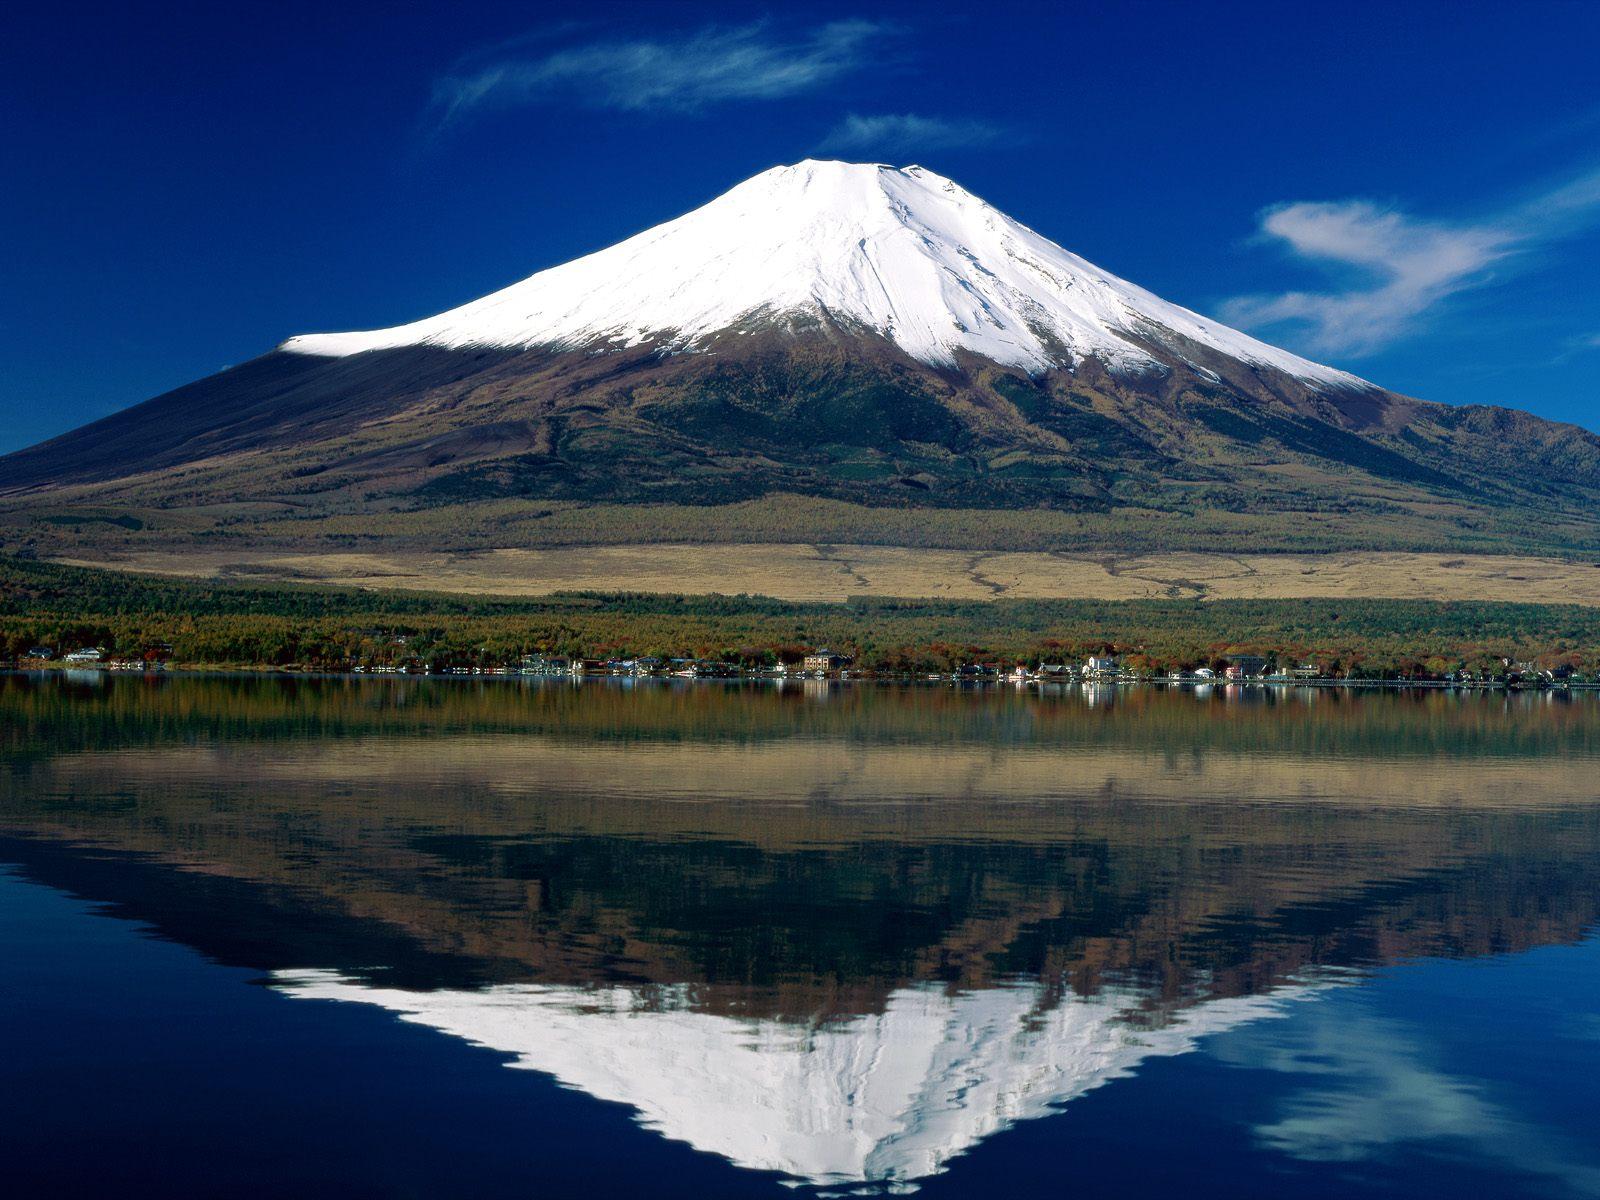 http://1.bp.blogspot.com/-6ABJxW8xUis/Te_nP30HhZI/AAAAAAAAAfc/qDC9K9rTBxo/s1600/Mont-Fuji1.jpg